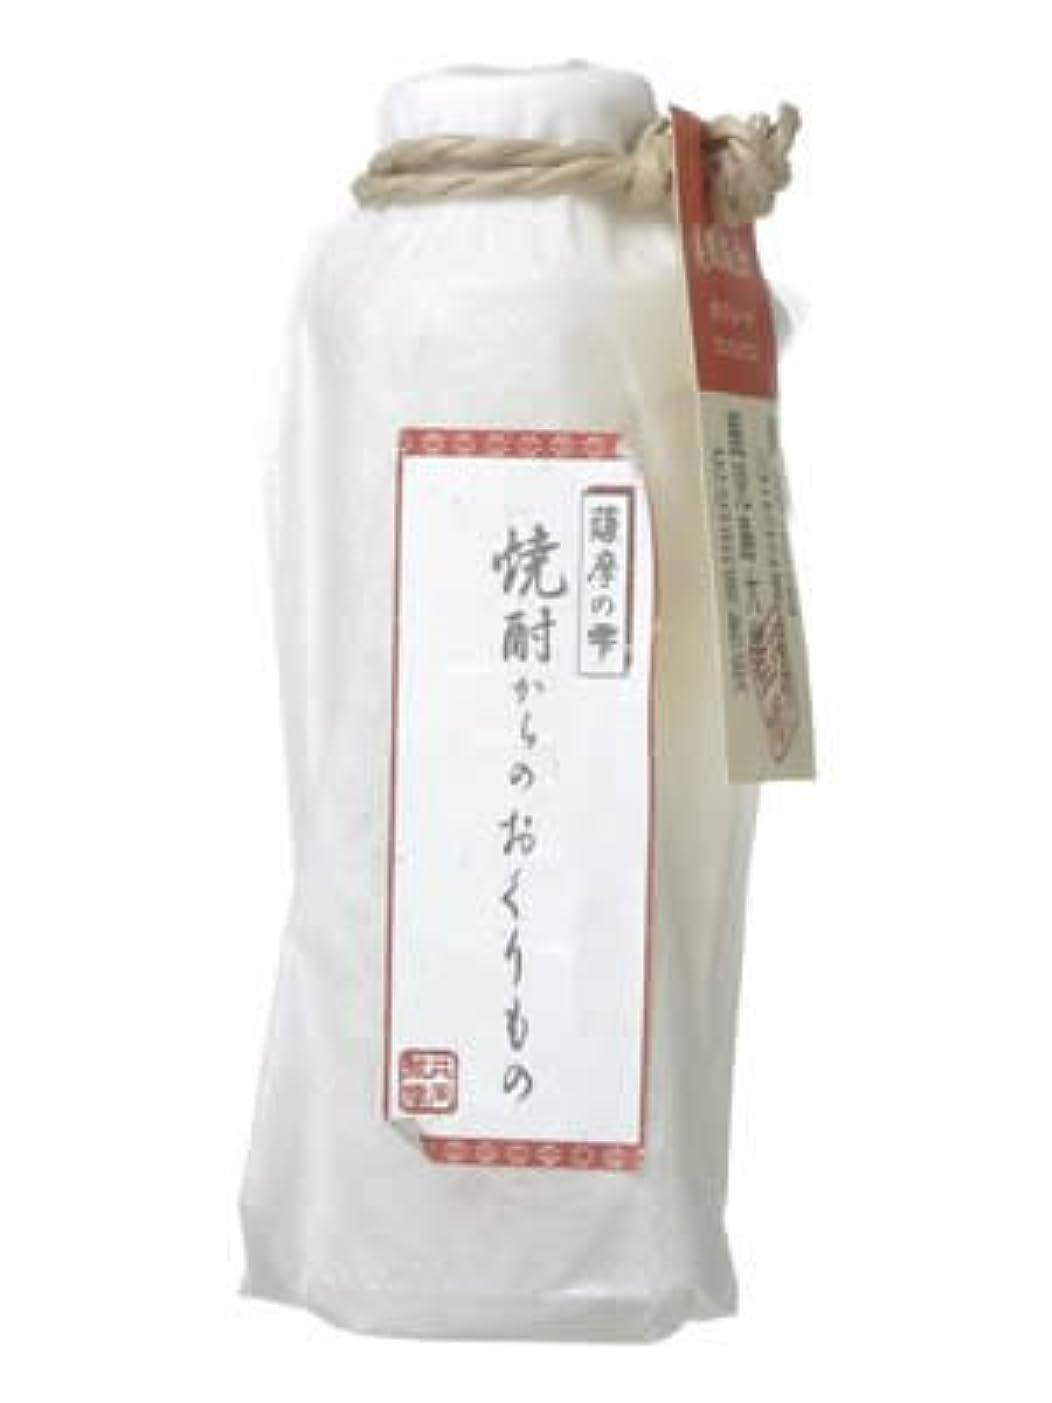 居住者哺乳類ストロー薩摩の雫 美容液(焼酎からのおくりもの) 200ml